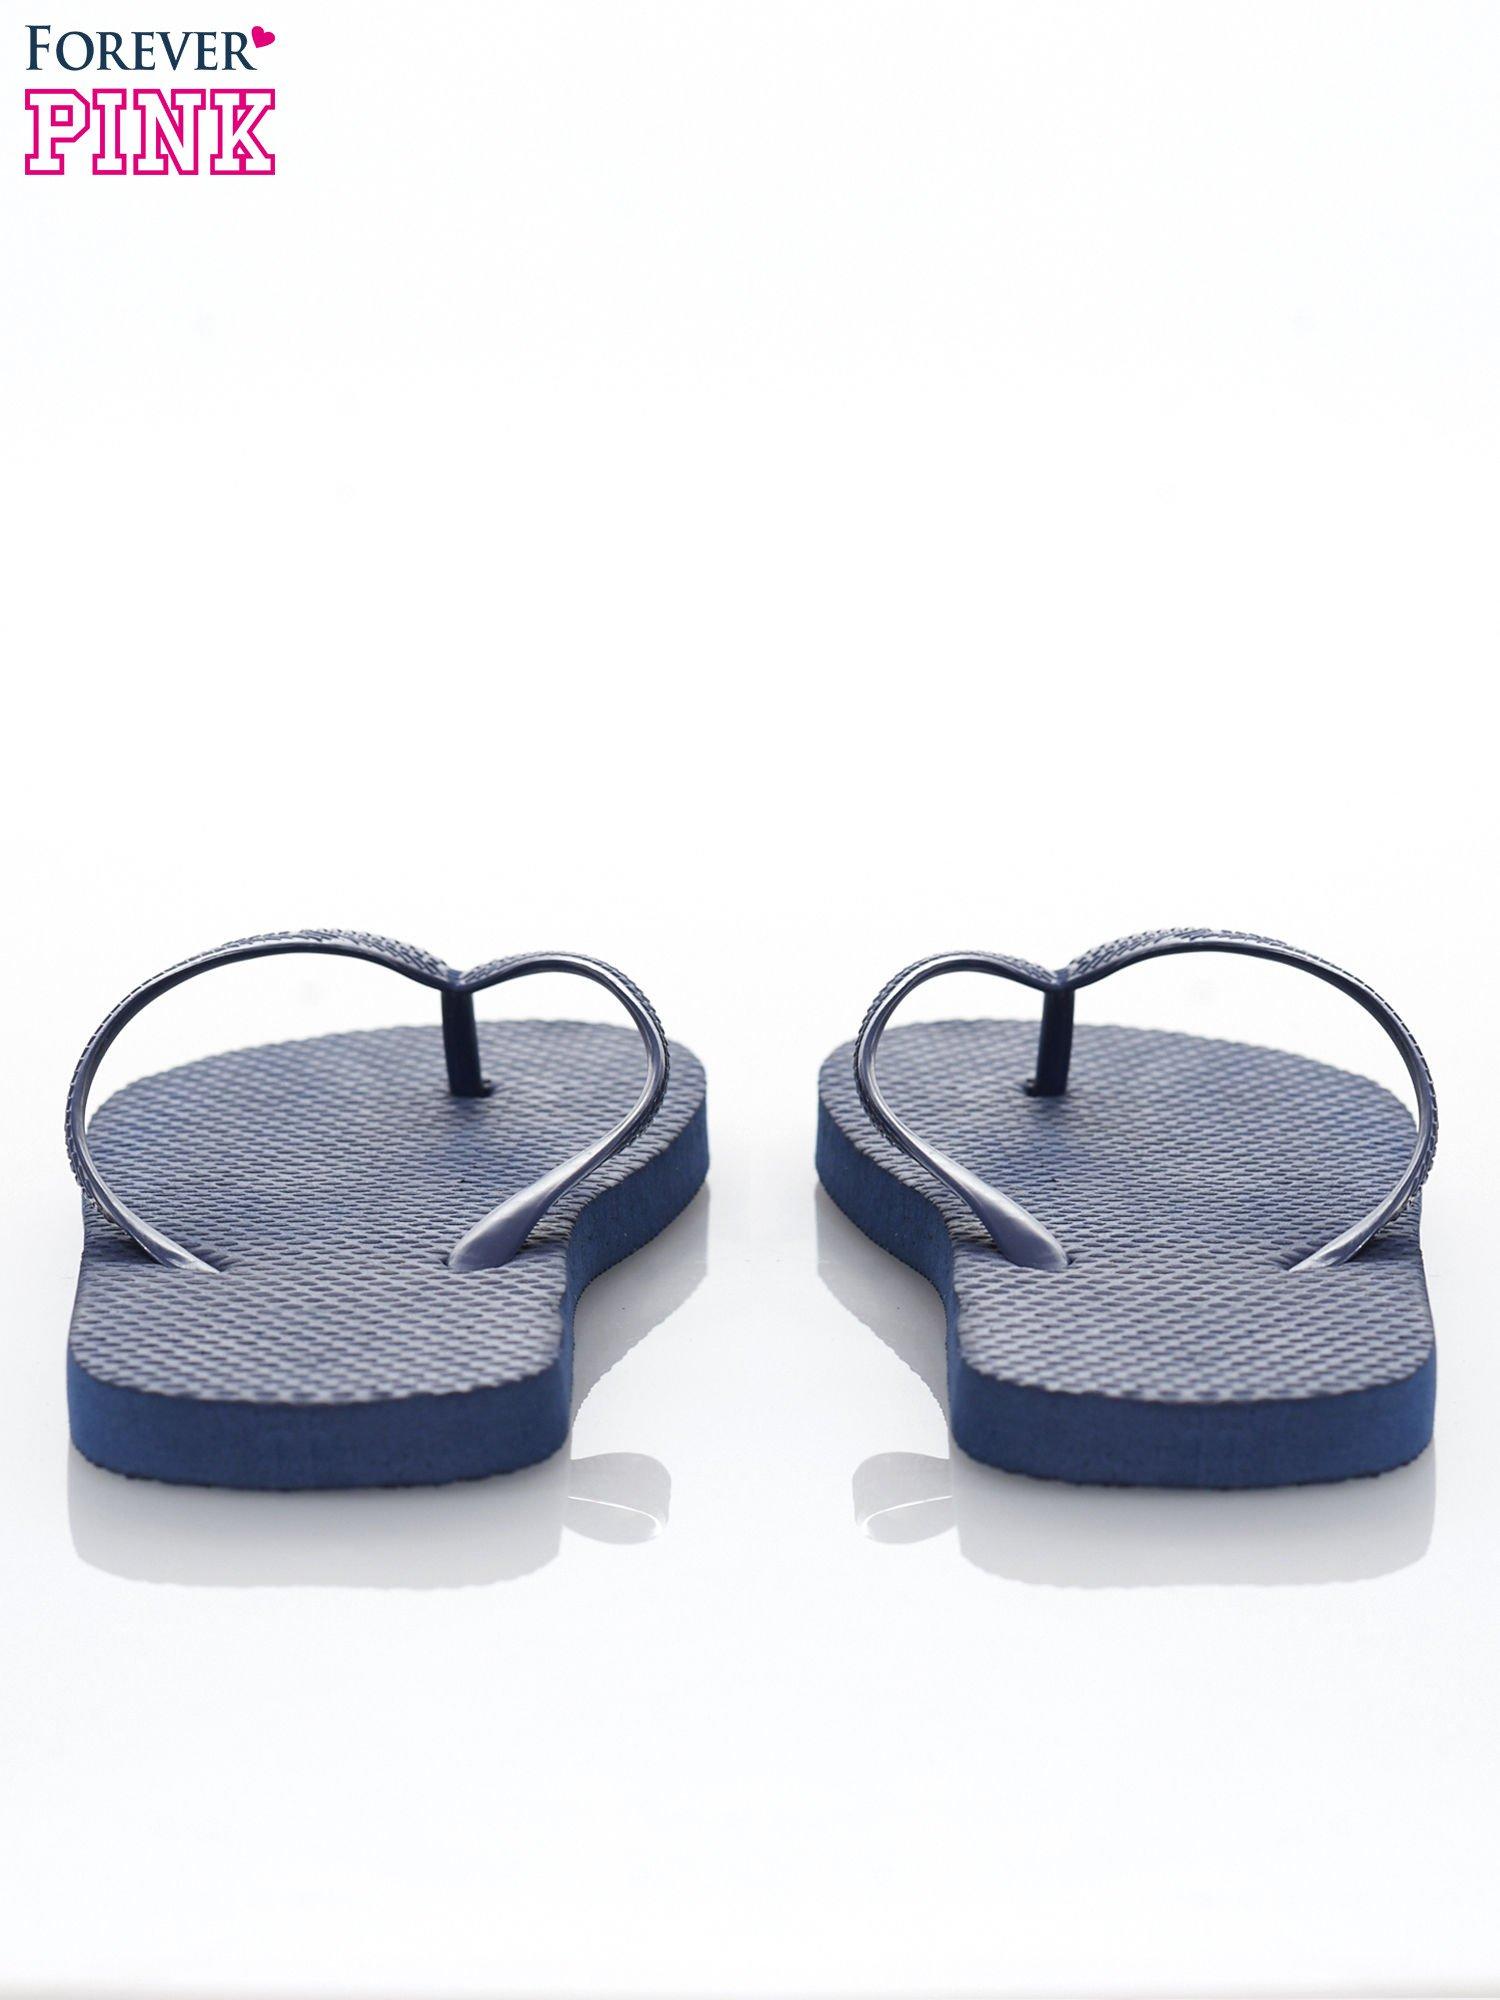 Granatowe gumowe japonki damskie                                  zdj.                                  3